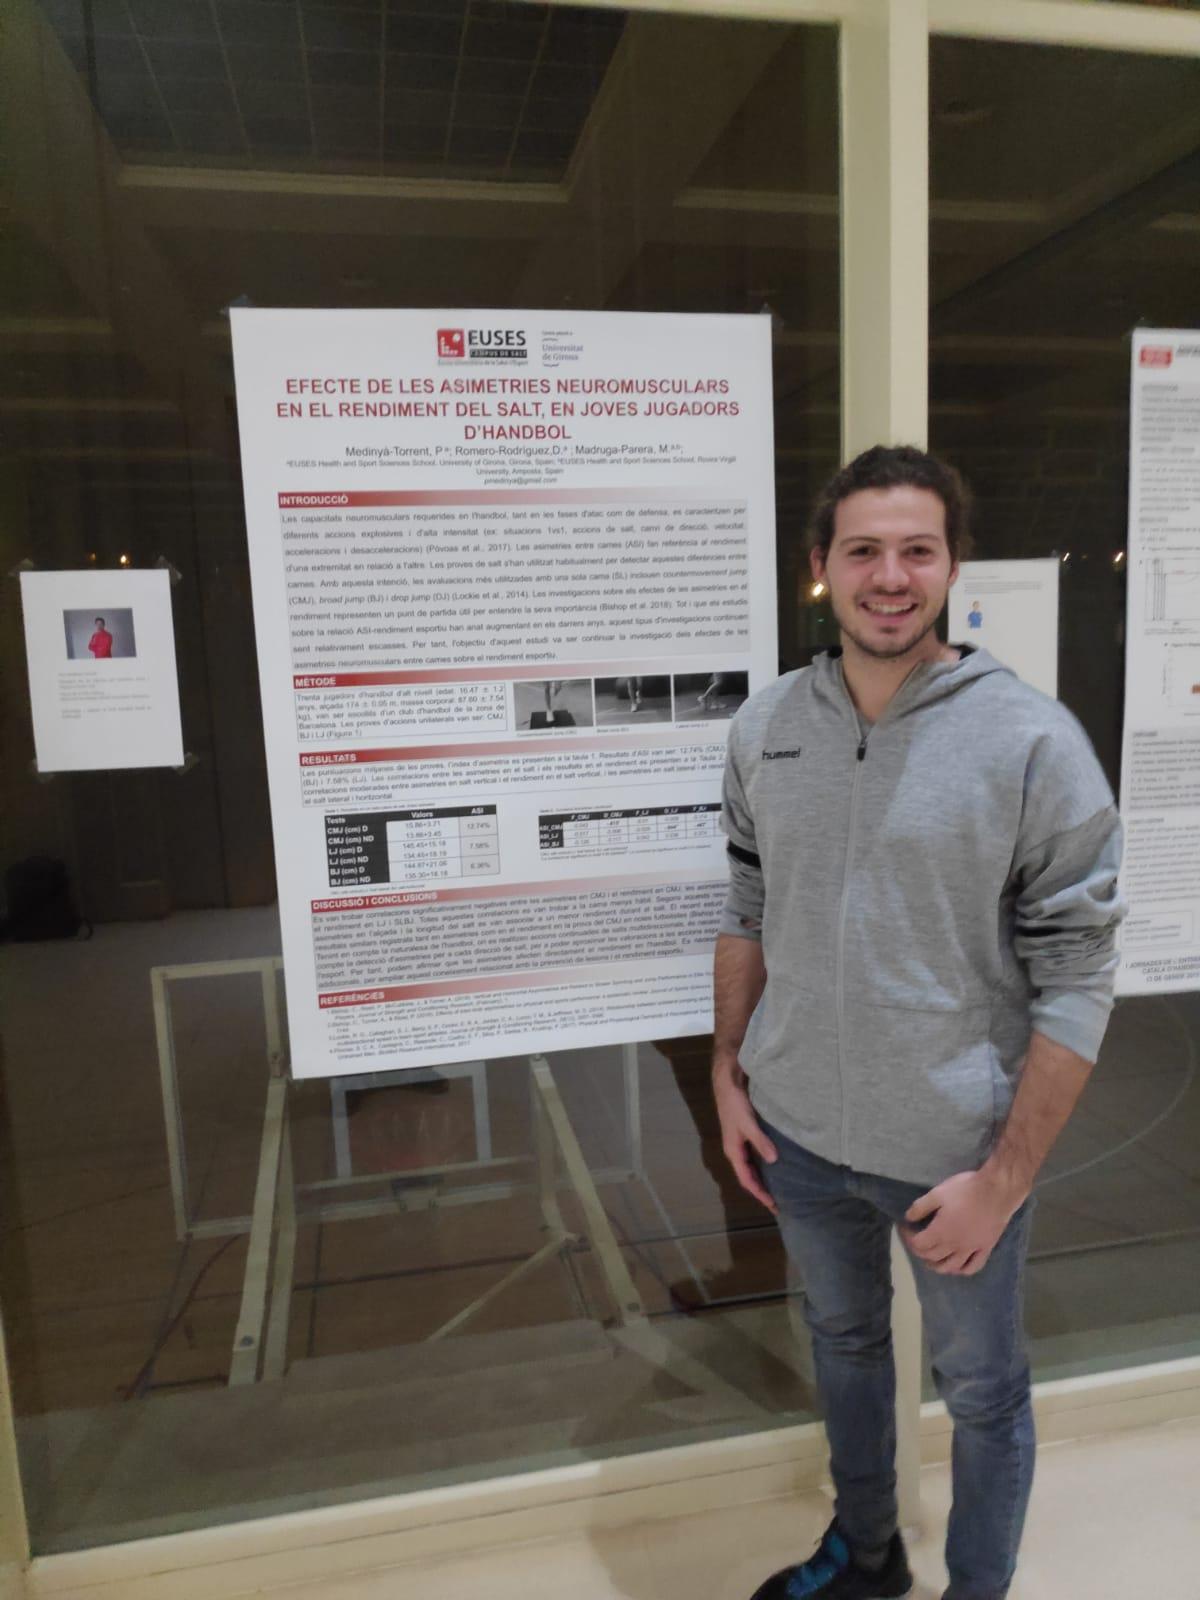 L'estudiant de 4t de CAFE d'EUSES Pere Medinyà guanya el primer premi del concurs de pòsters en la 1a edició de les jornades de l'entrenador català d'handbol